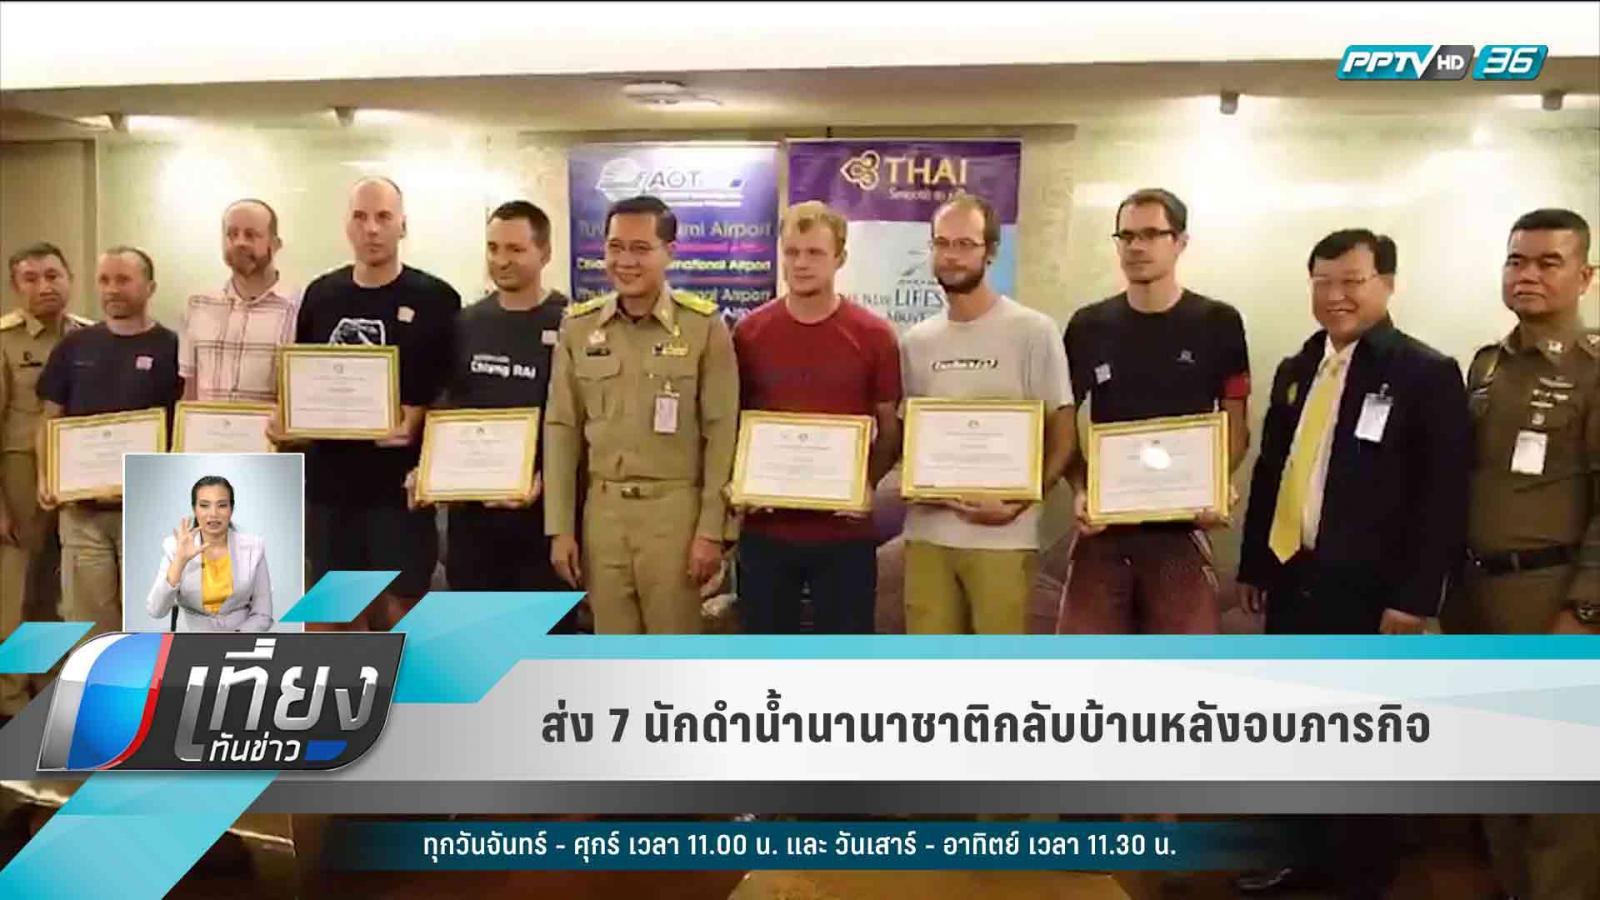 ส่ง 7 นักดำน้ำนานาชาติกลับบ้าน หลังจบภารกิจช่วย 13 ชีวิตถ้ำหลวง